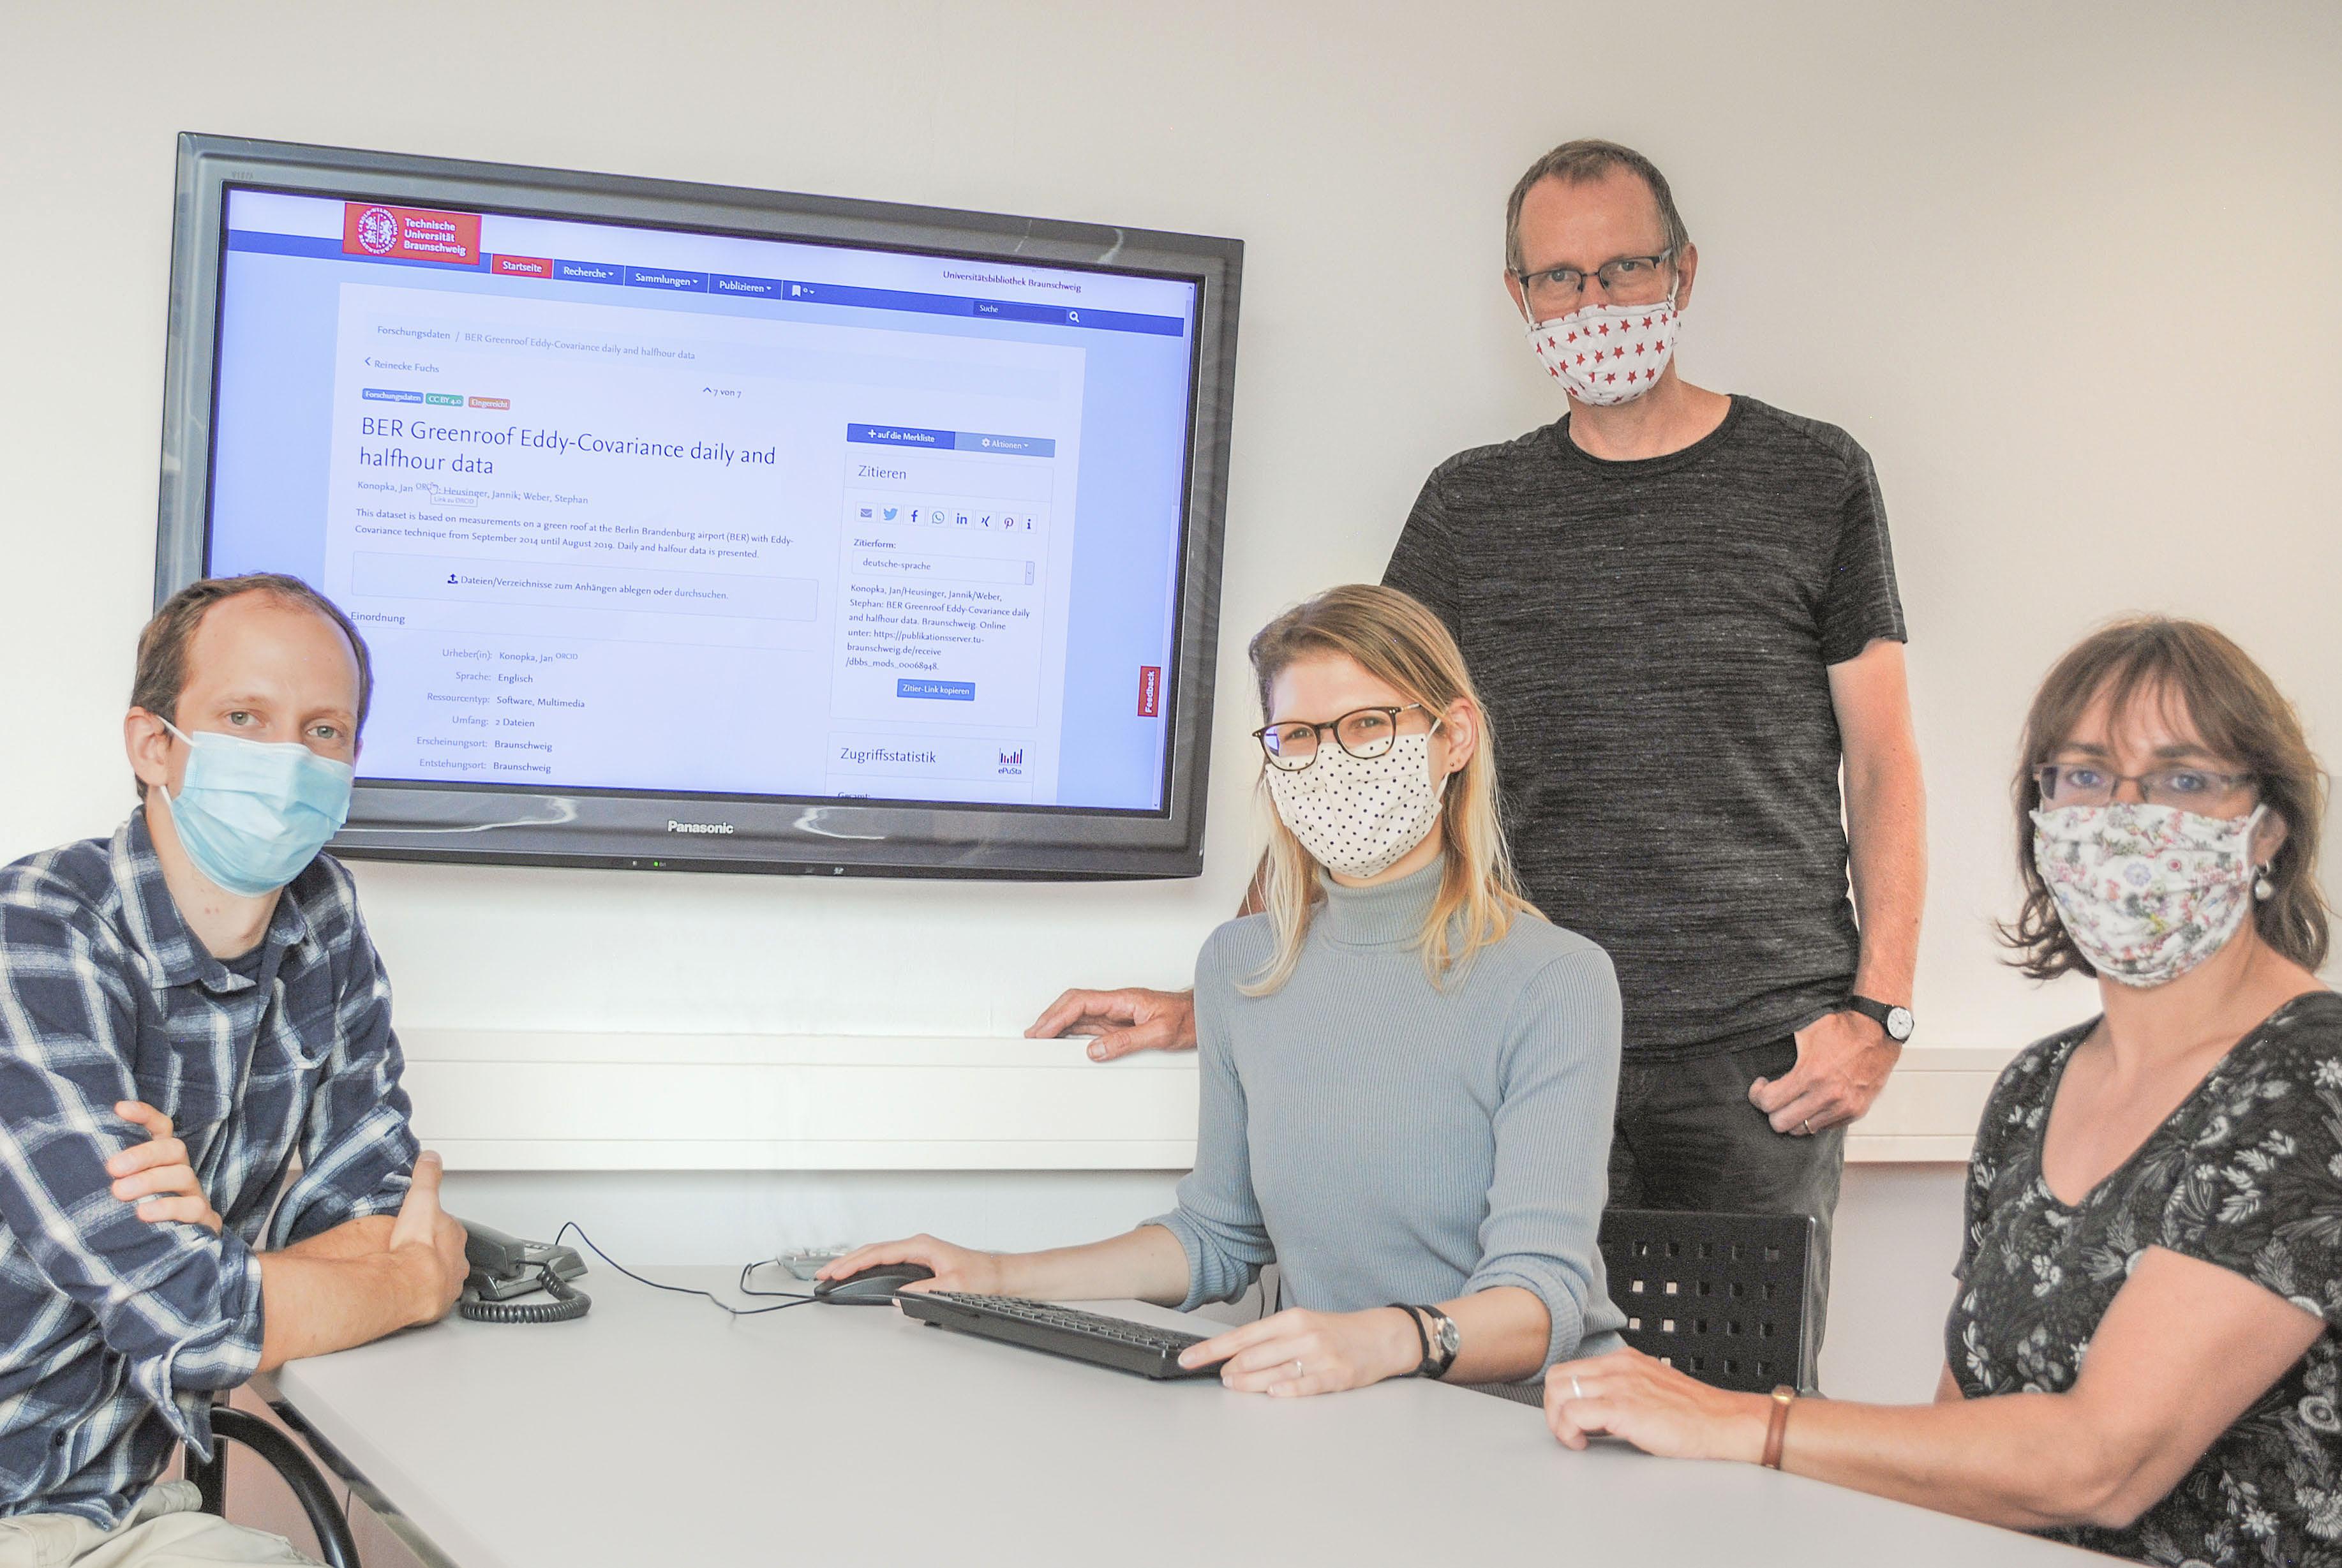 Das Team des Forschungsdaten-Repositoriums